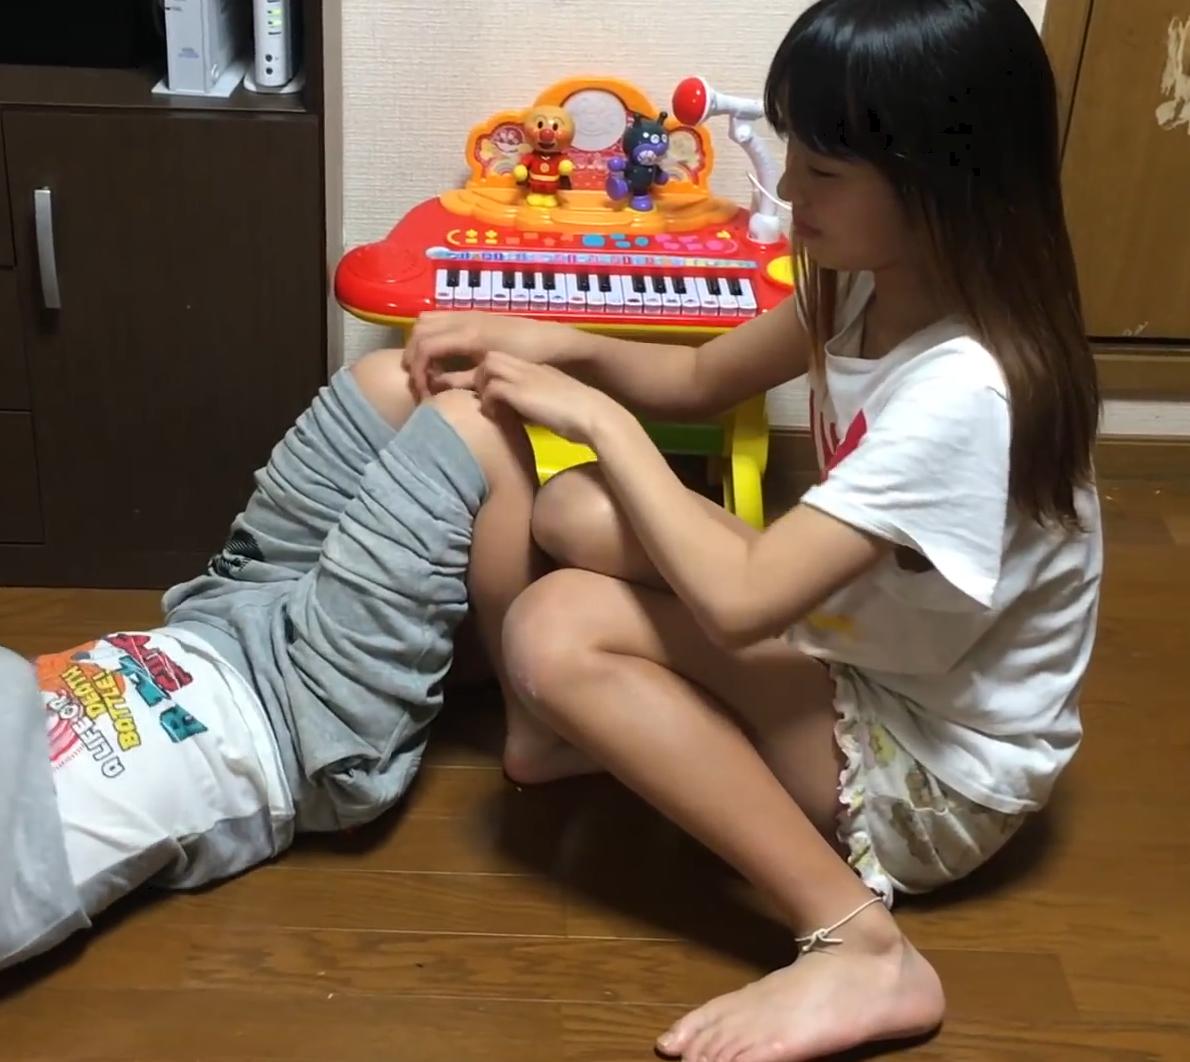 若い娘がひたすらくすぐりあっているだけの動画ですwww